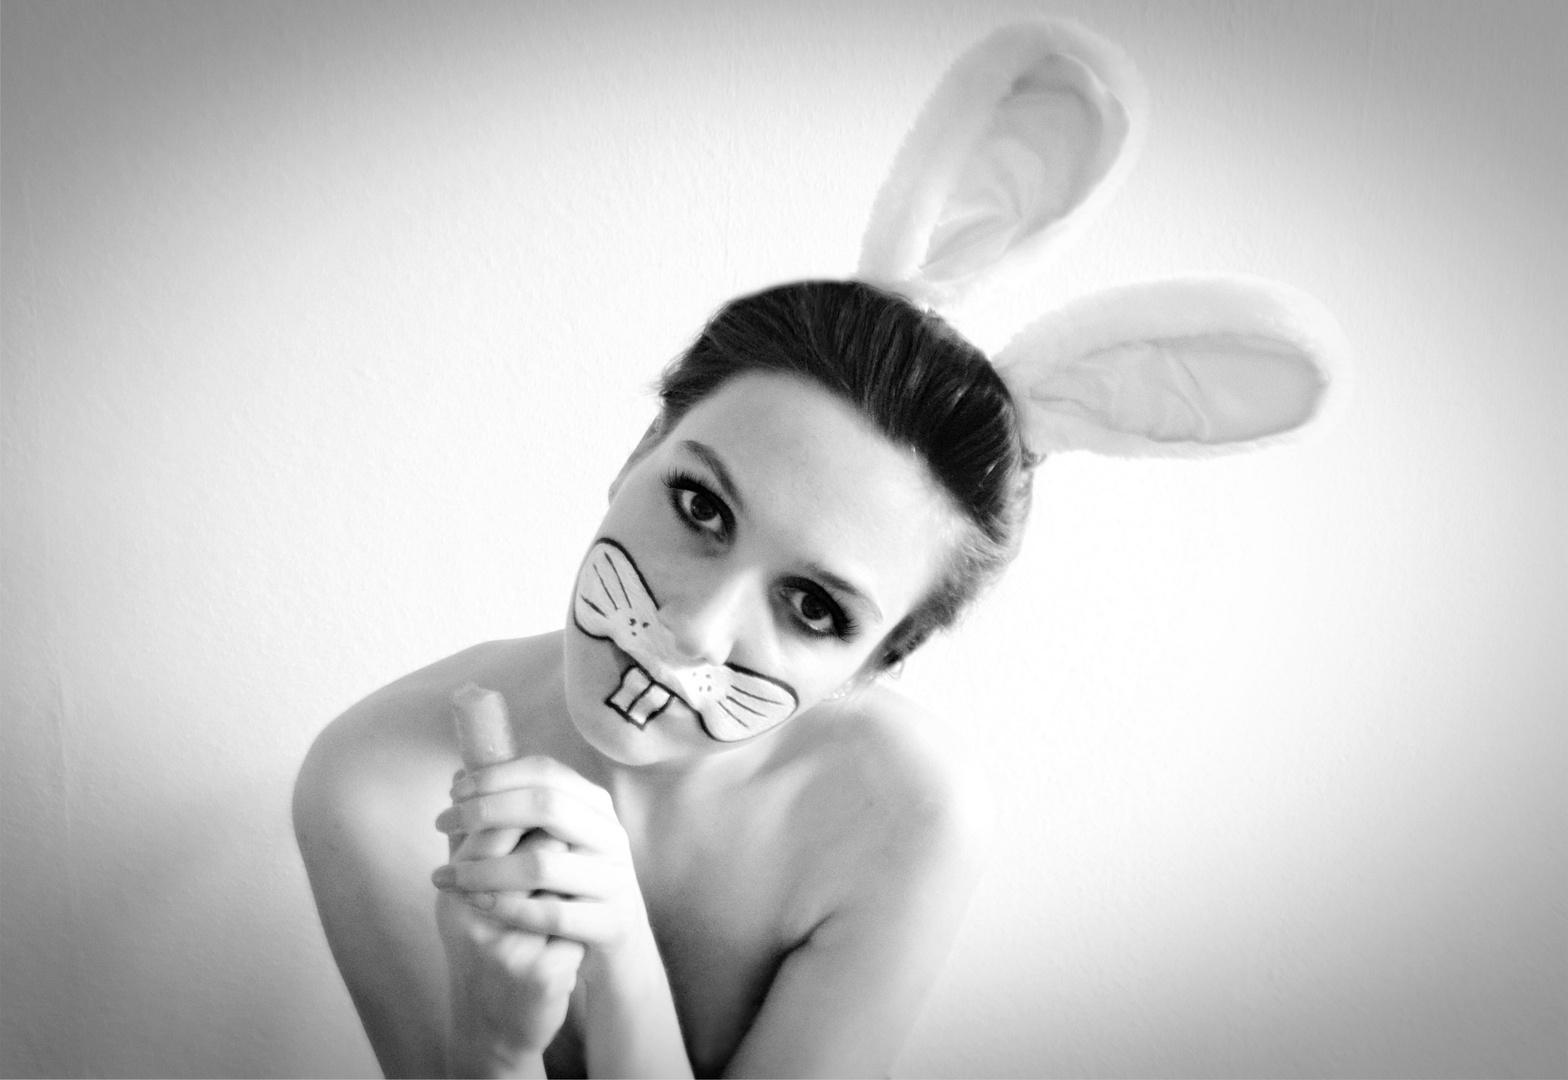 Queen of bunnies